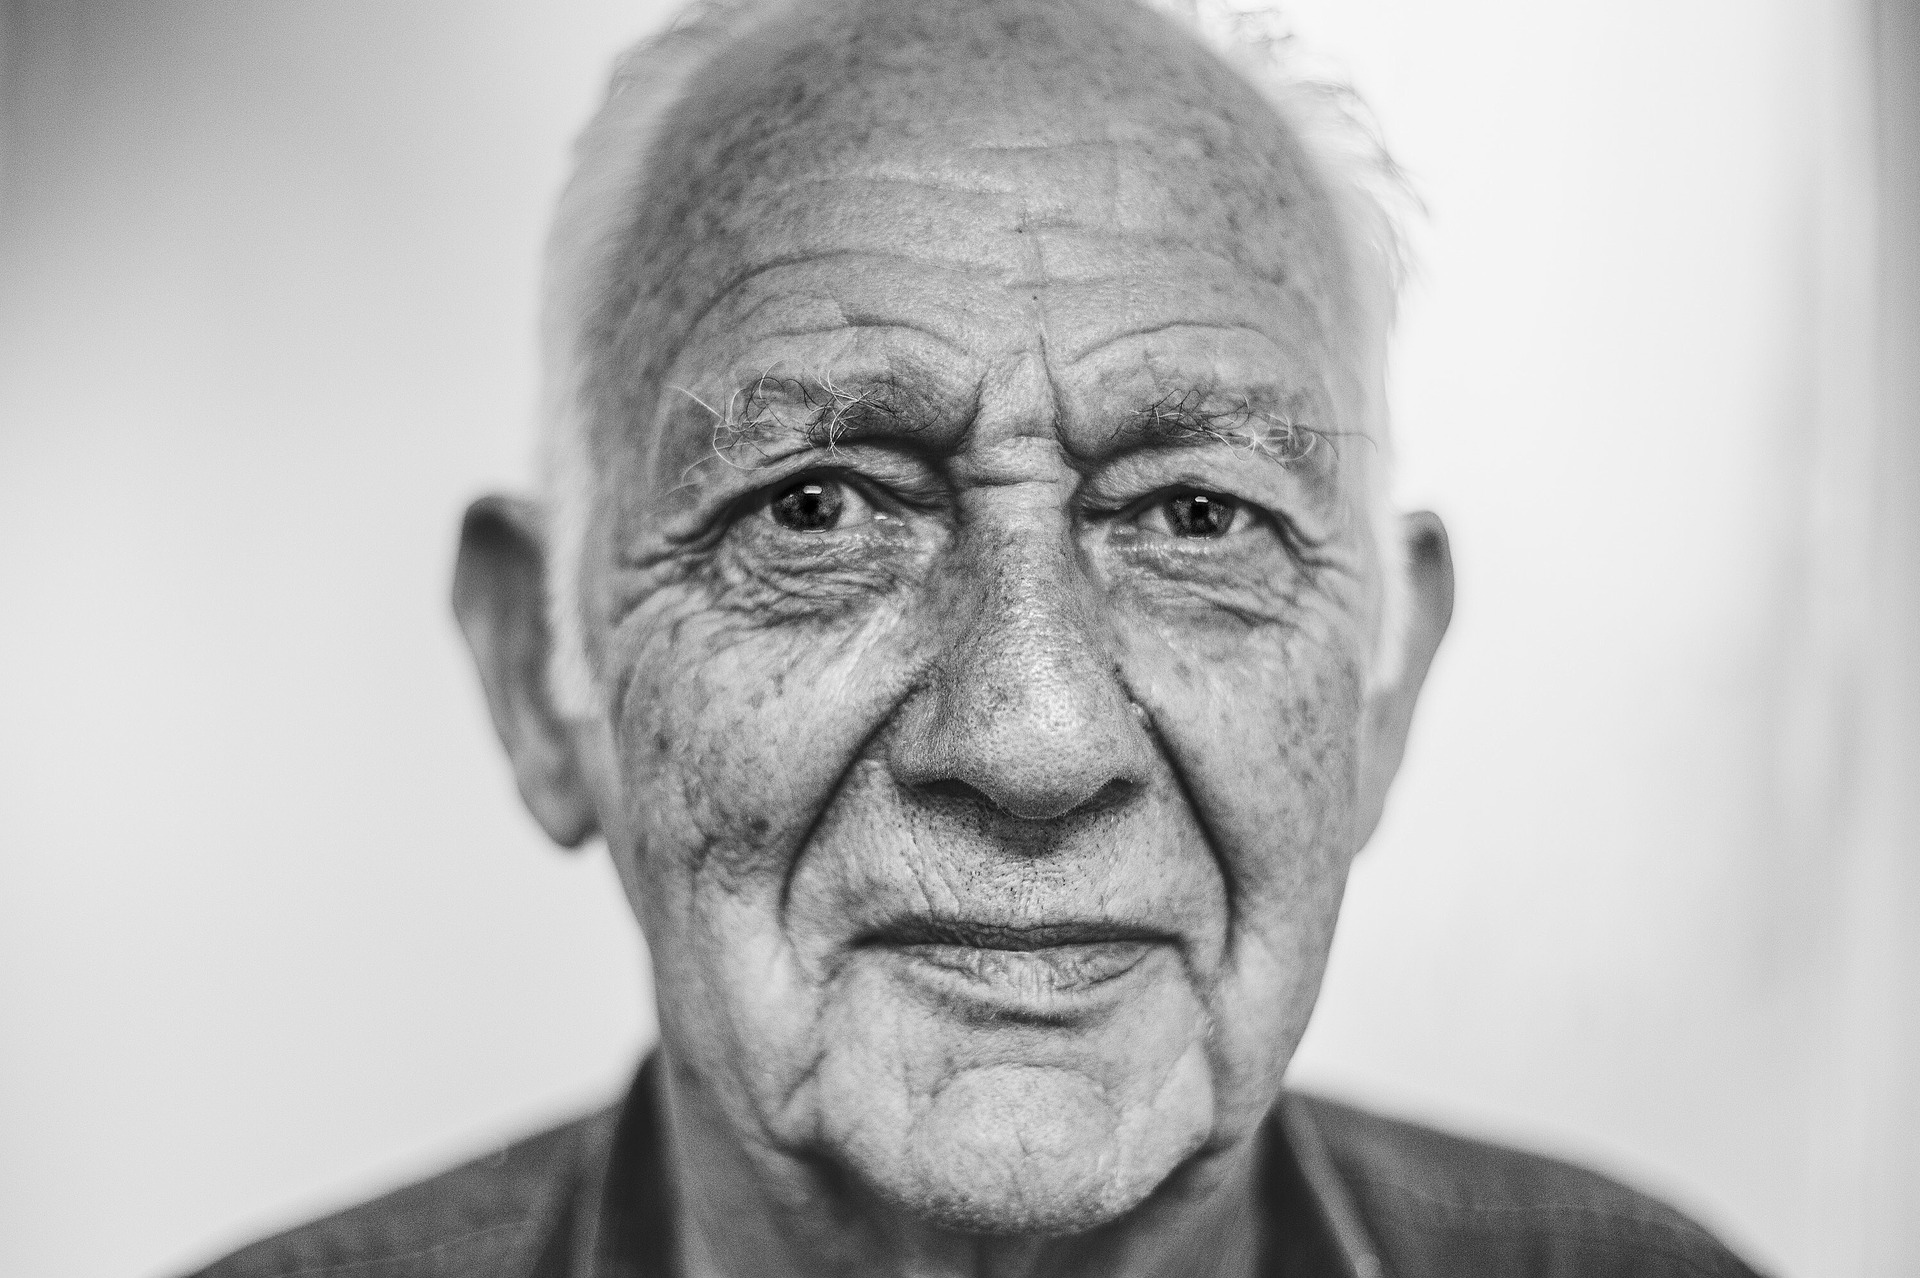 Od piątku seniorzy 80 plus mogą zapisywać się na szczepienia - Zdjęcie główne